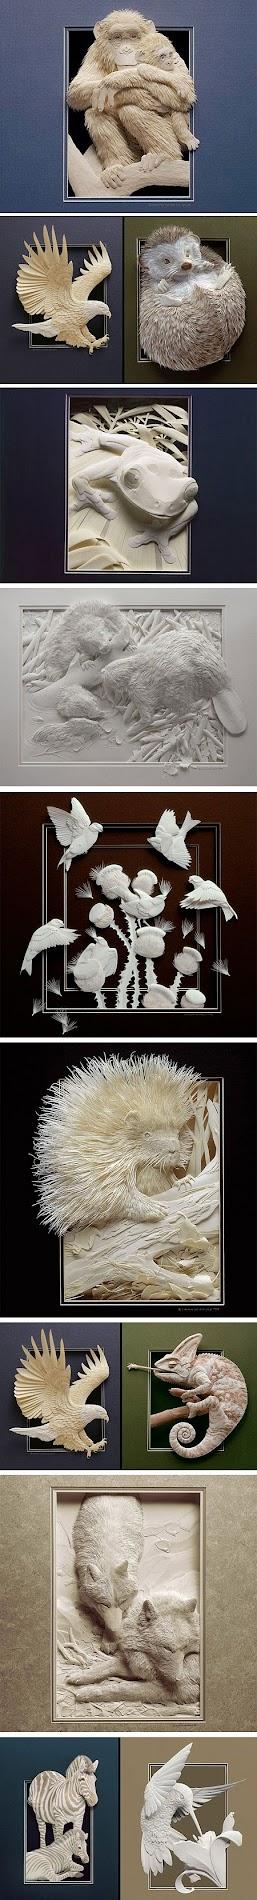 paper art by calvin nicholls